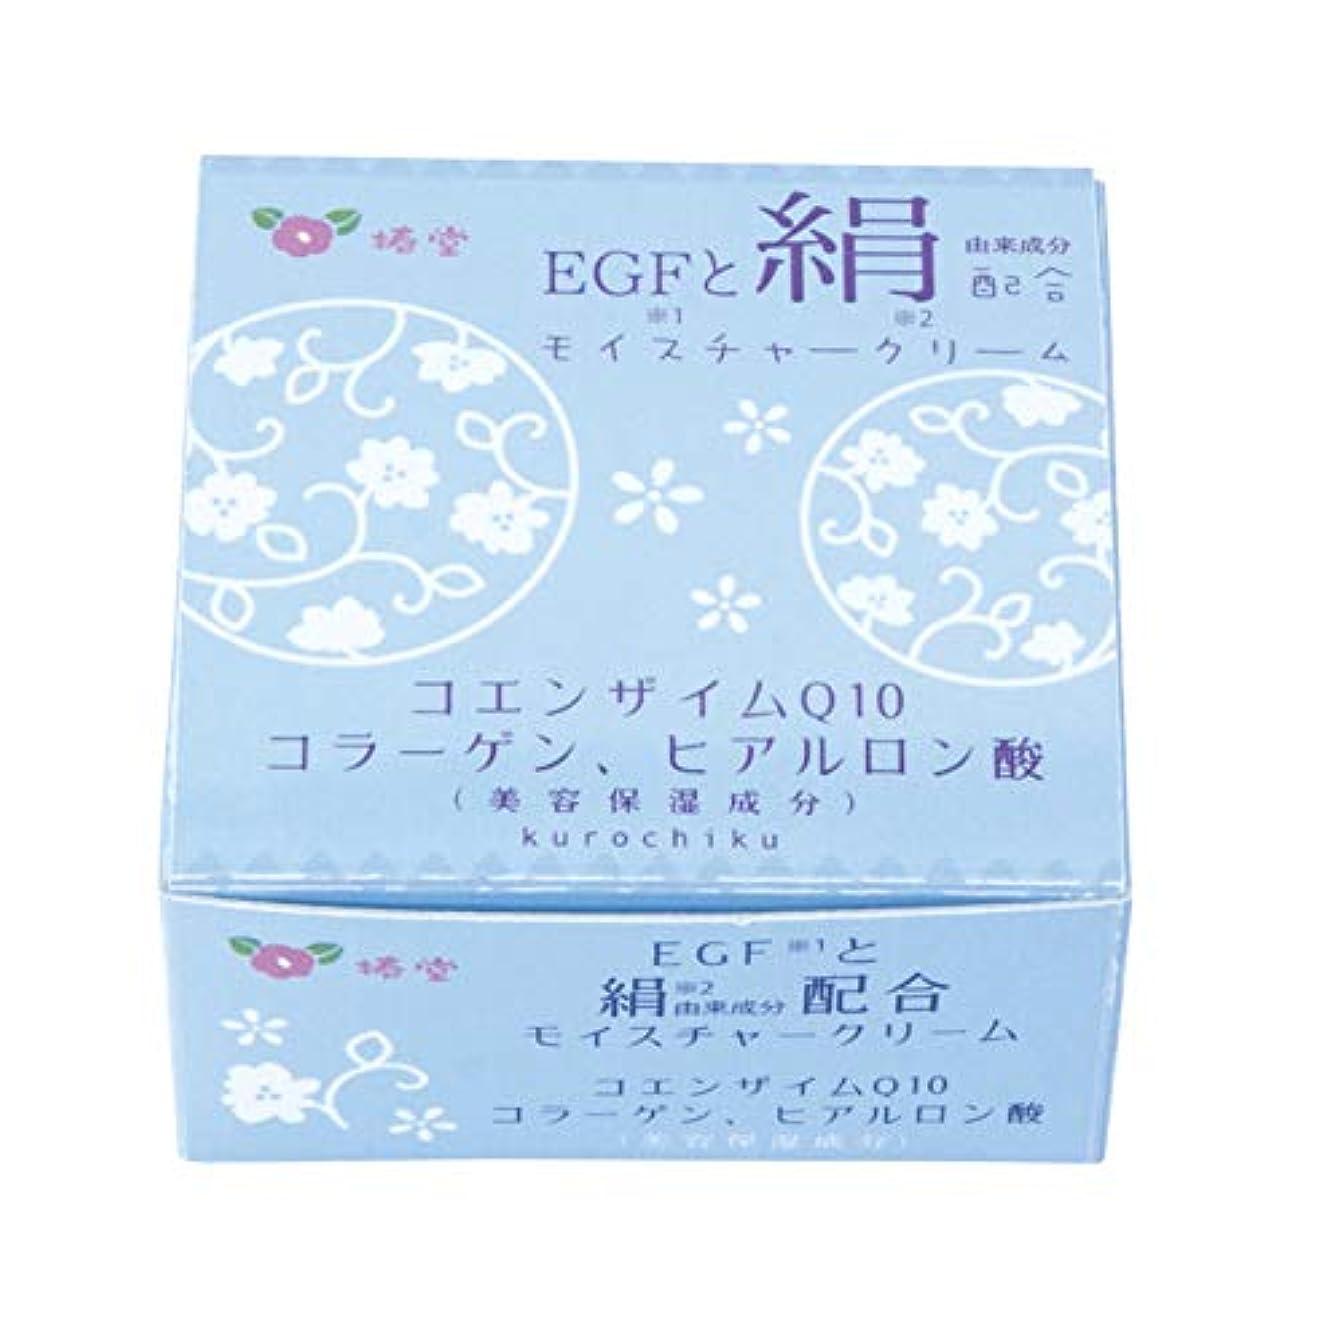 どちらもマーチャンダイジング残る椿堂 絹モイスチャークリーム (FGFと絹) 京都くろちく